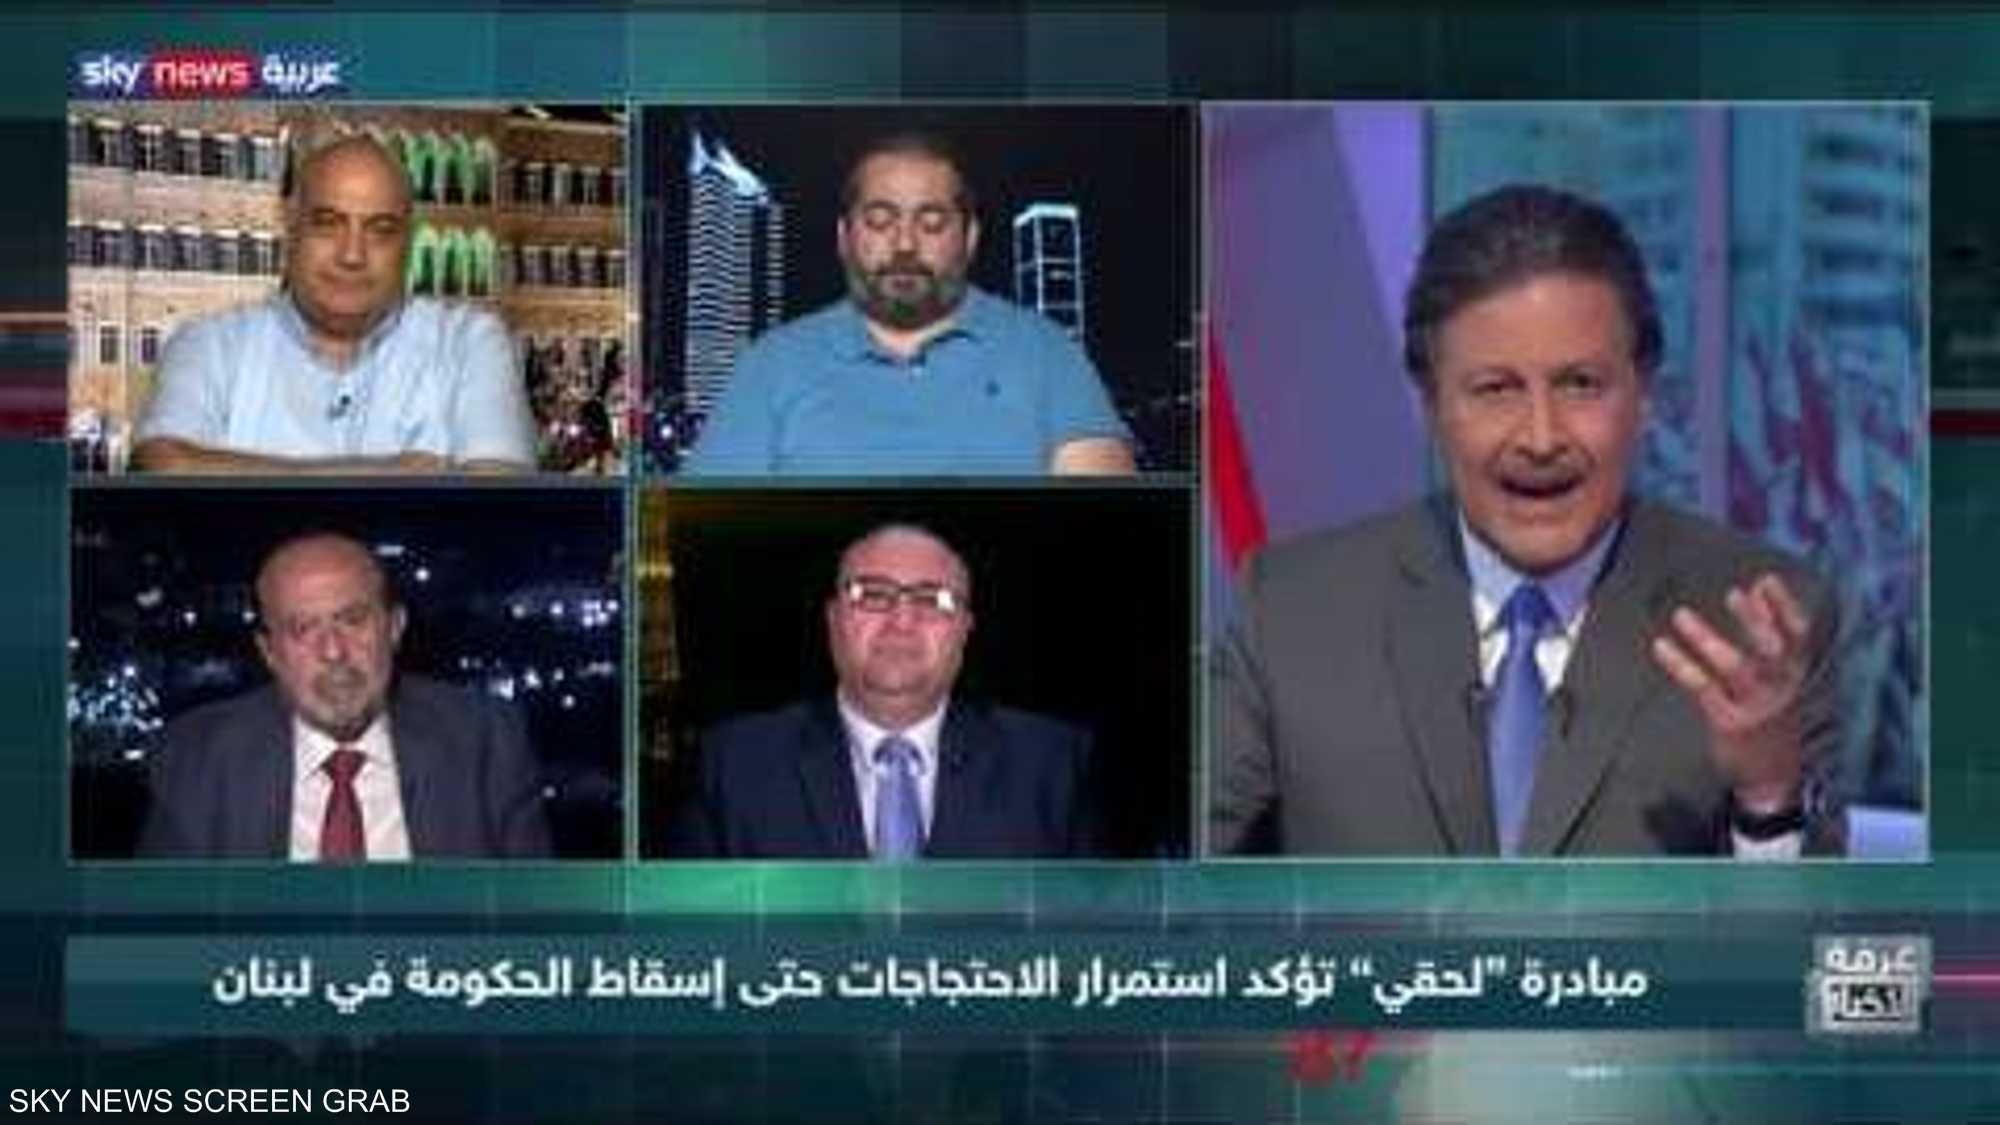 احتجاجات لبنان.. غضب يتخطى الاختلاف الطائفي